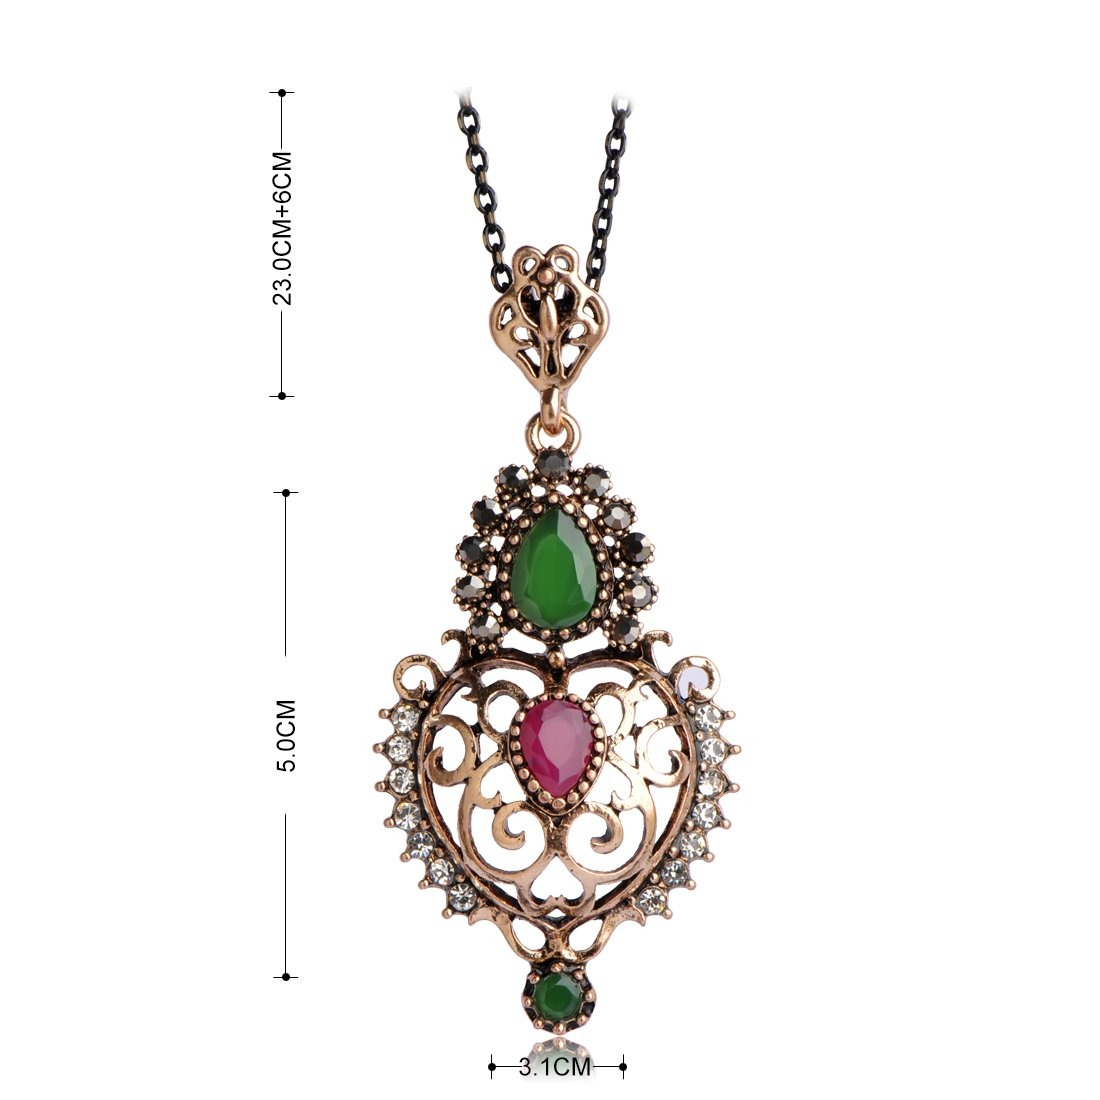 9471bbec792a Cargando zoom... mechosen turco vintage conjuntos de joyas collar pendientes